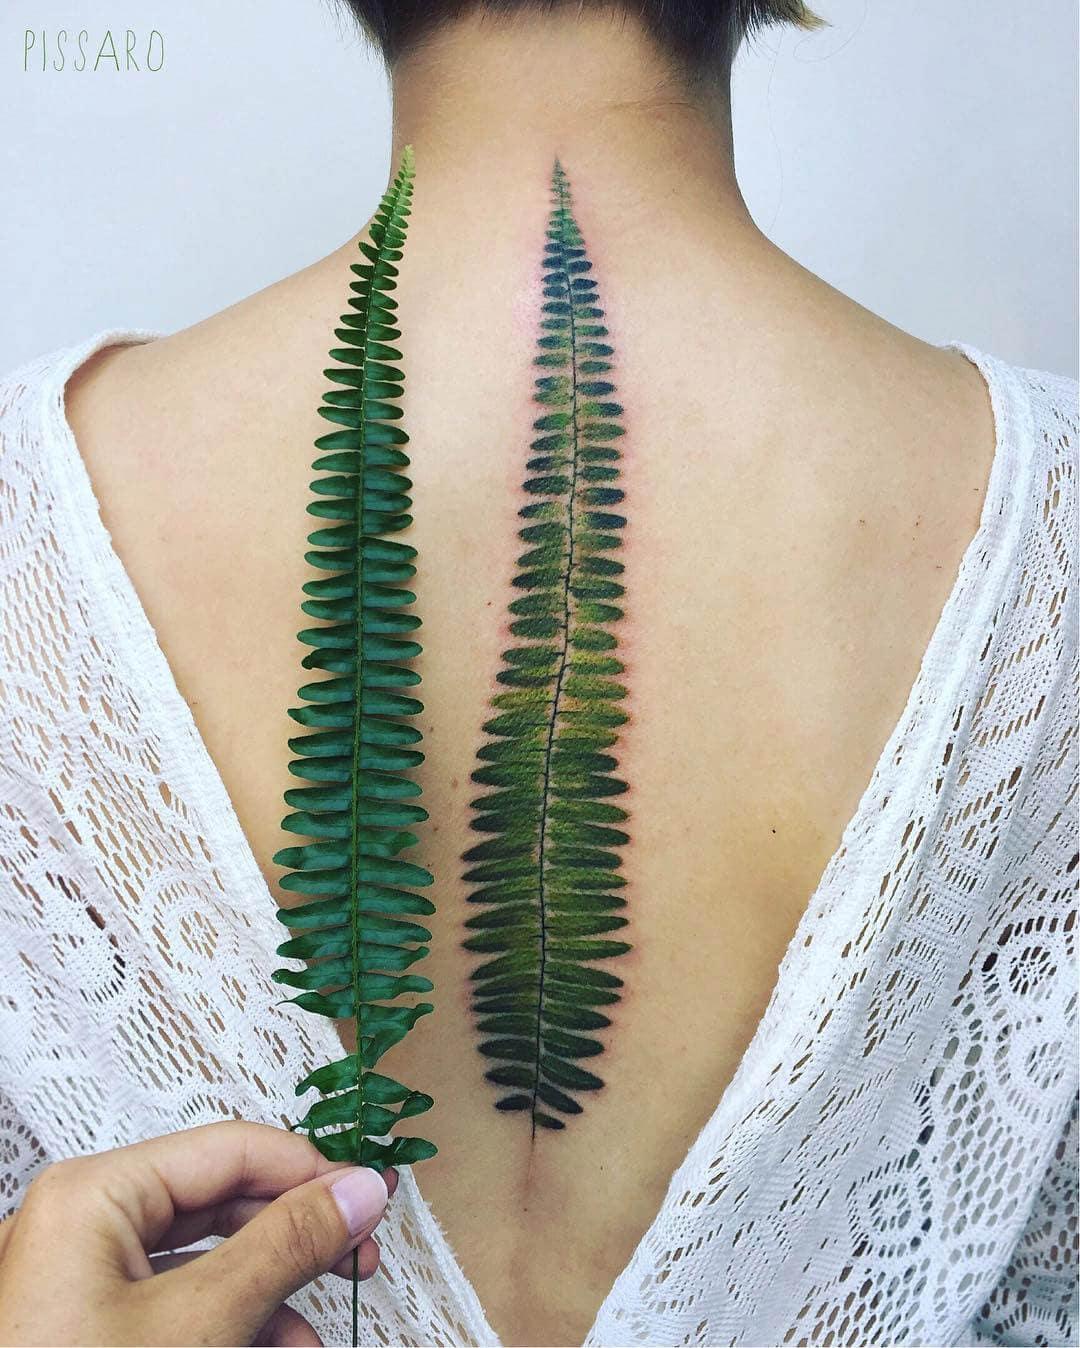 botanical tattoos pis saro freeyork 9